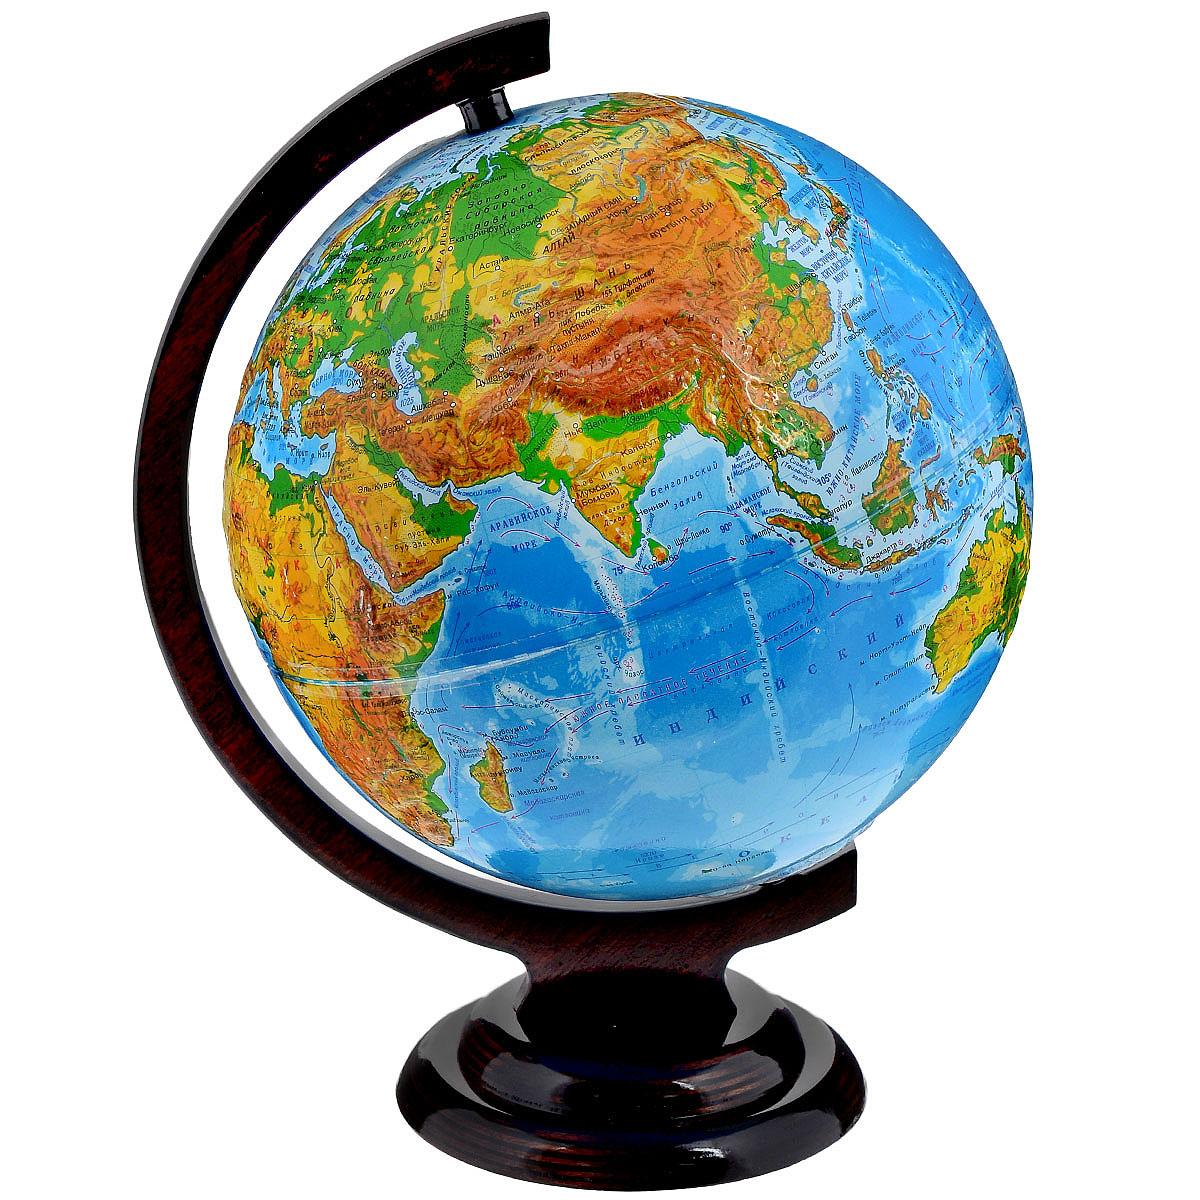 Глобусный мир Глобус с физической картой, рельефный, диаметр 25 см, на деревянной подставке